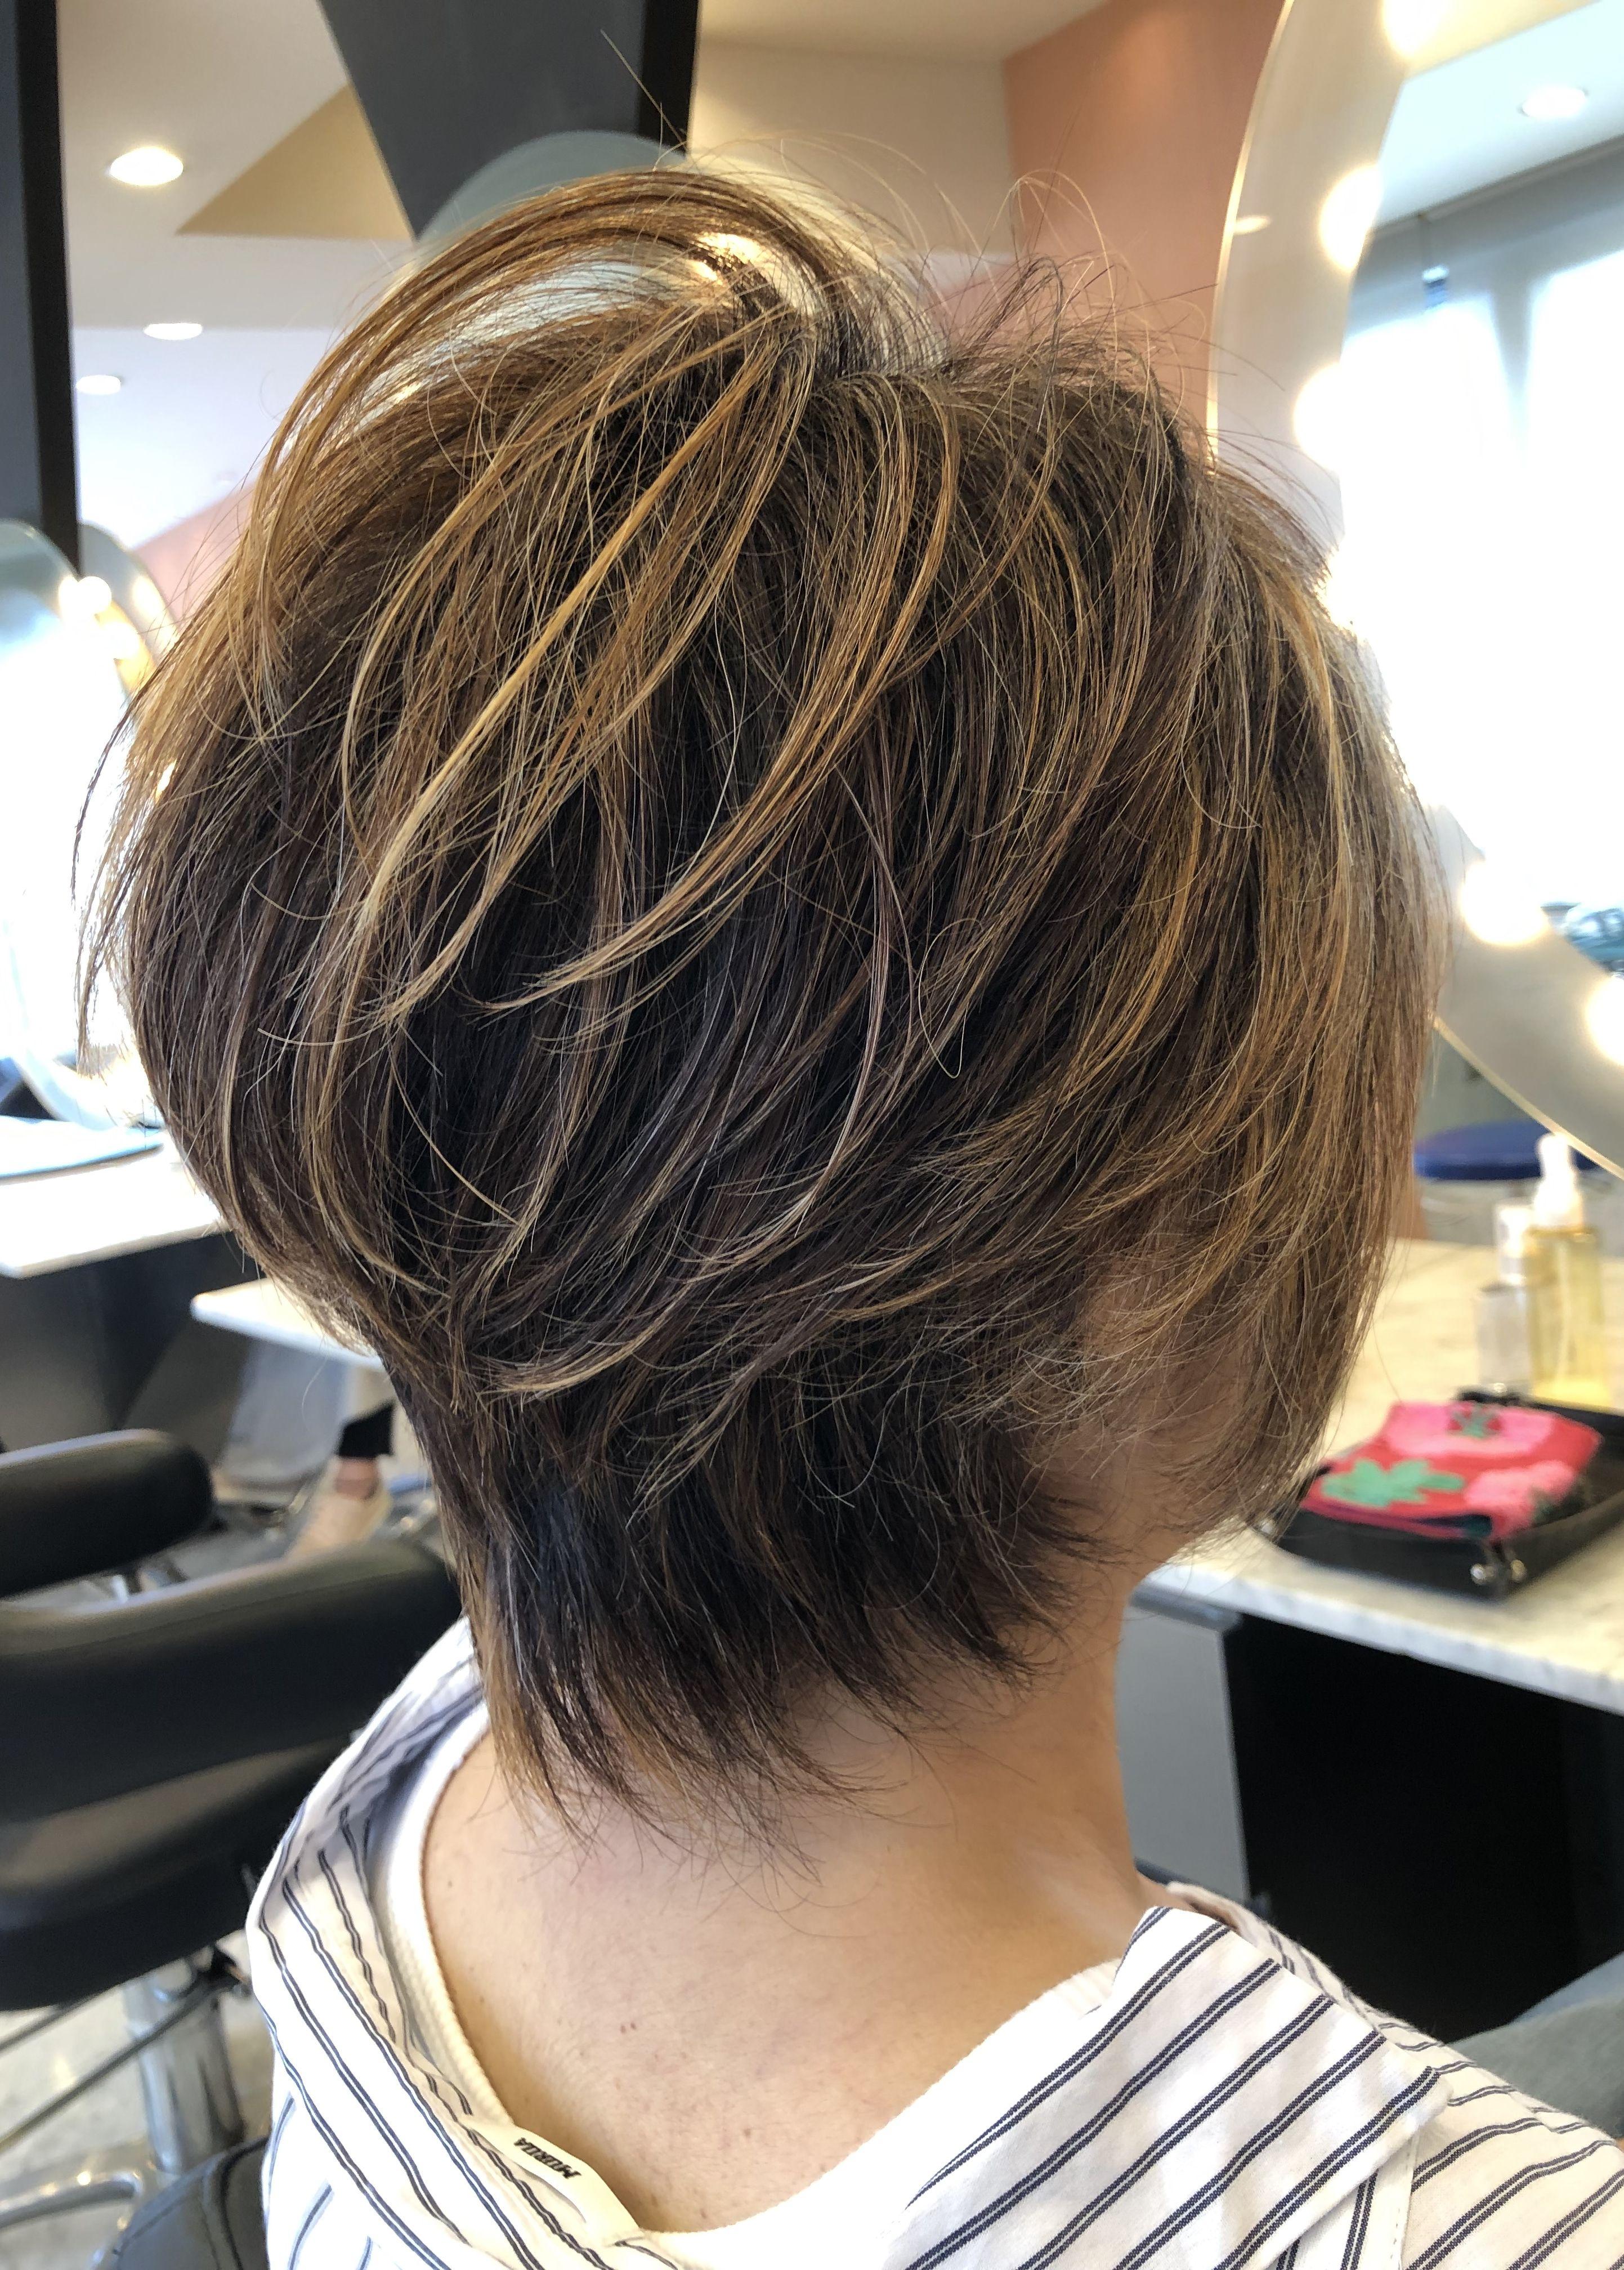 40代50代60代ヘアスタイル髪型 50代髪型 50代ショート 2020